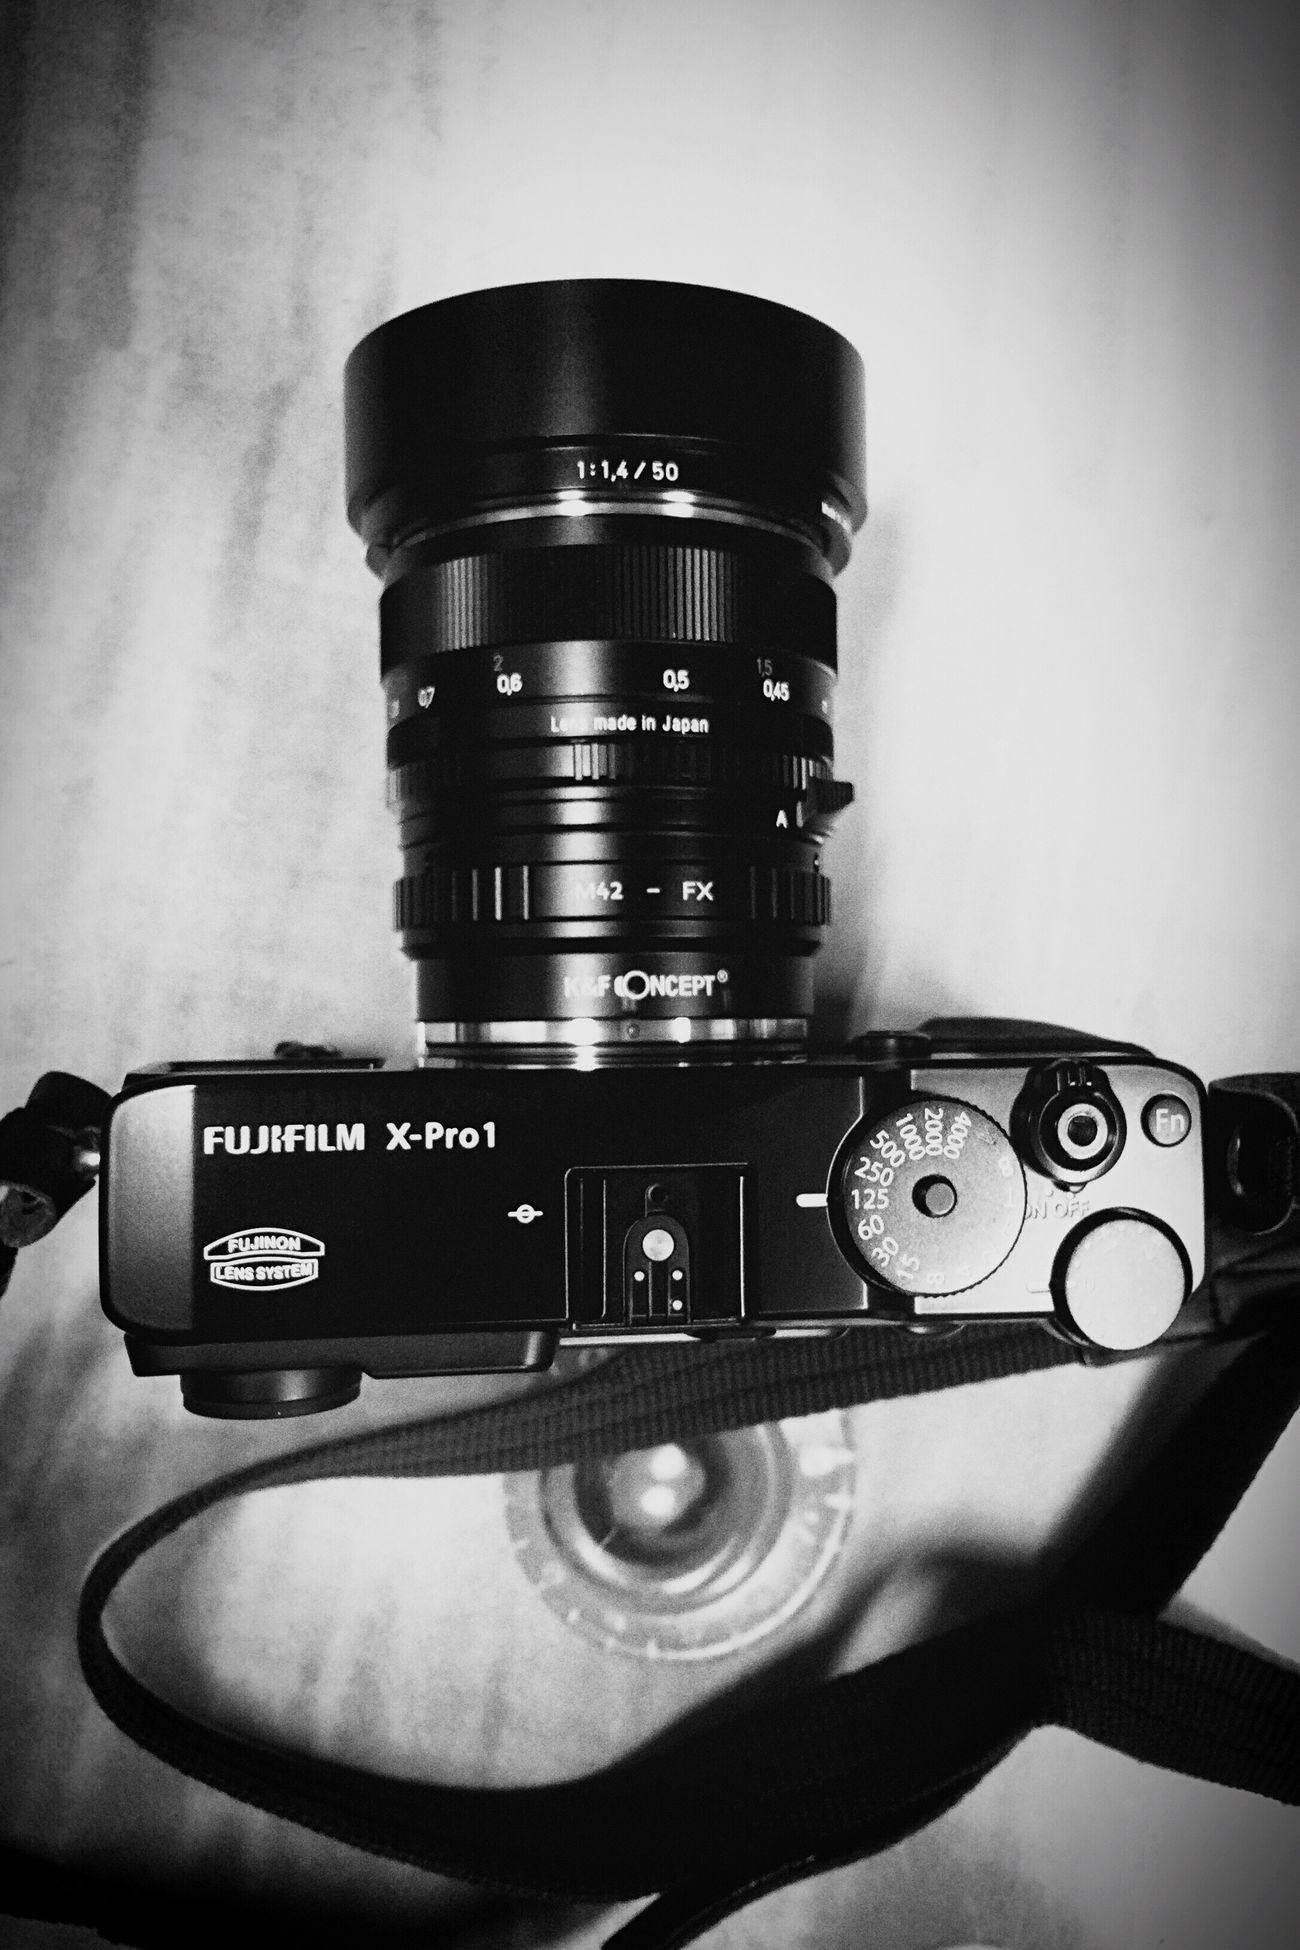 新しい相棒 Newcamera Camera - Photographic Equipment Blackandwhite Black And White EyeEm Gallery Black & White Bw_collection Carl Zeiss Planar50/1.4 BW Collection Fujifilm X-Pro1 Fujifilm